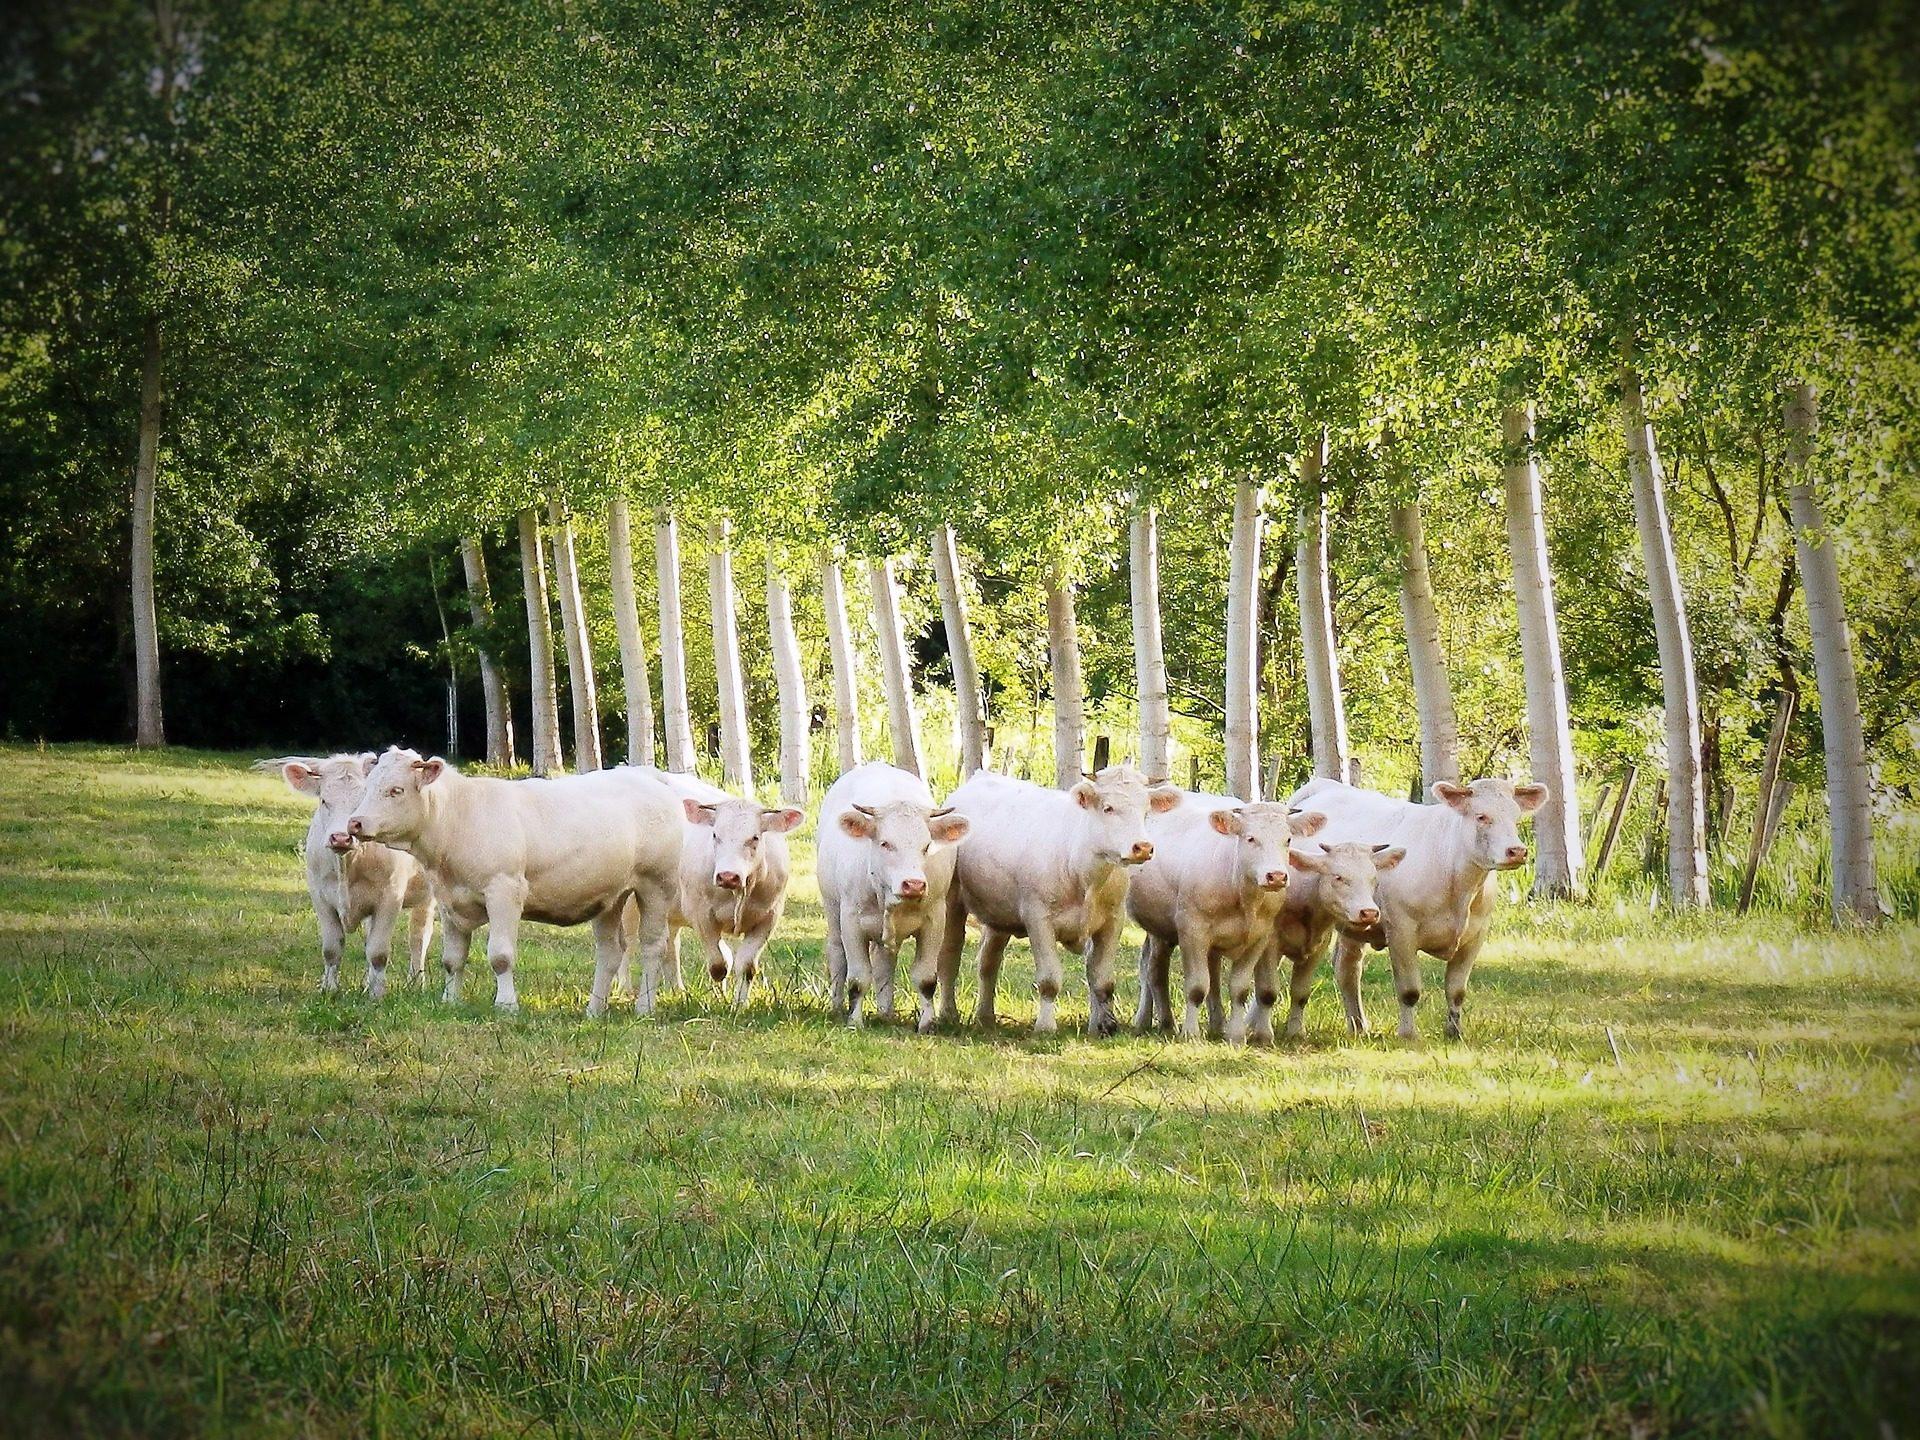 коровы, выпас скота, ферма, поле, крупный рогатый скот - Обои HD - Профессор falken.com